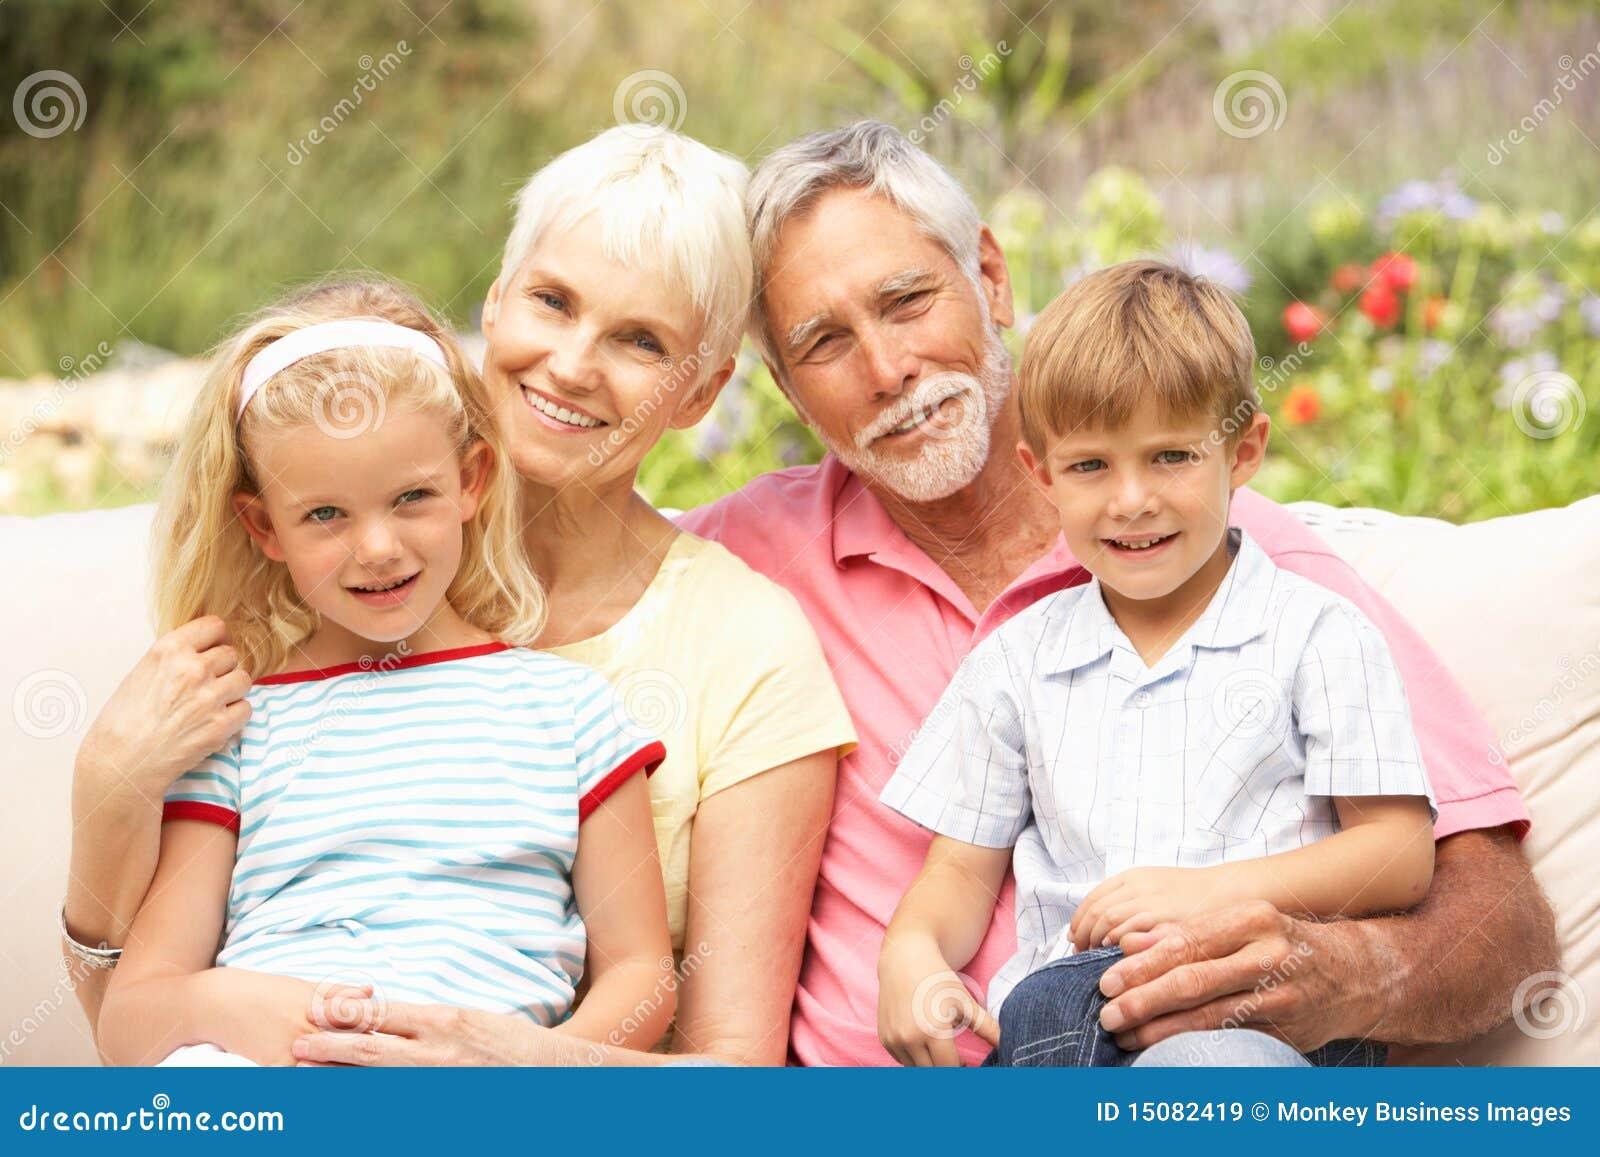 Grandparents And Grandchildren Relaxing In Garden Stock